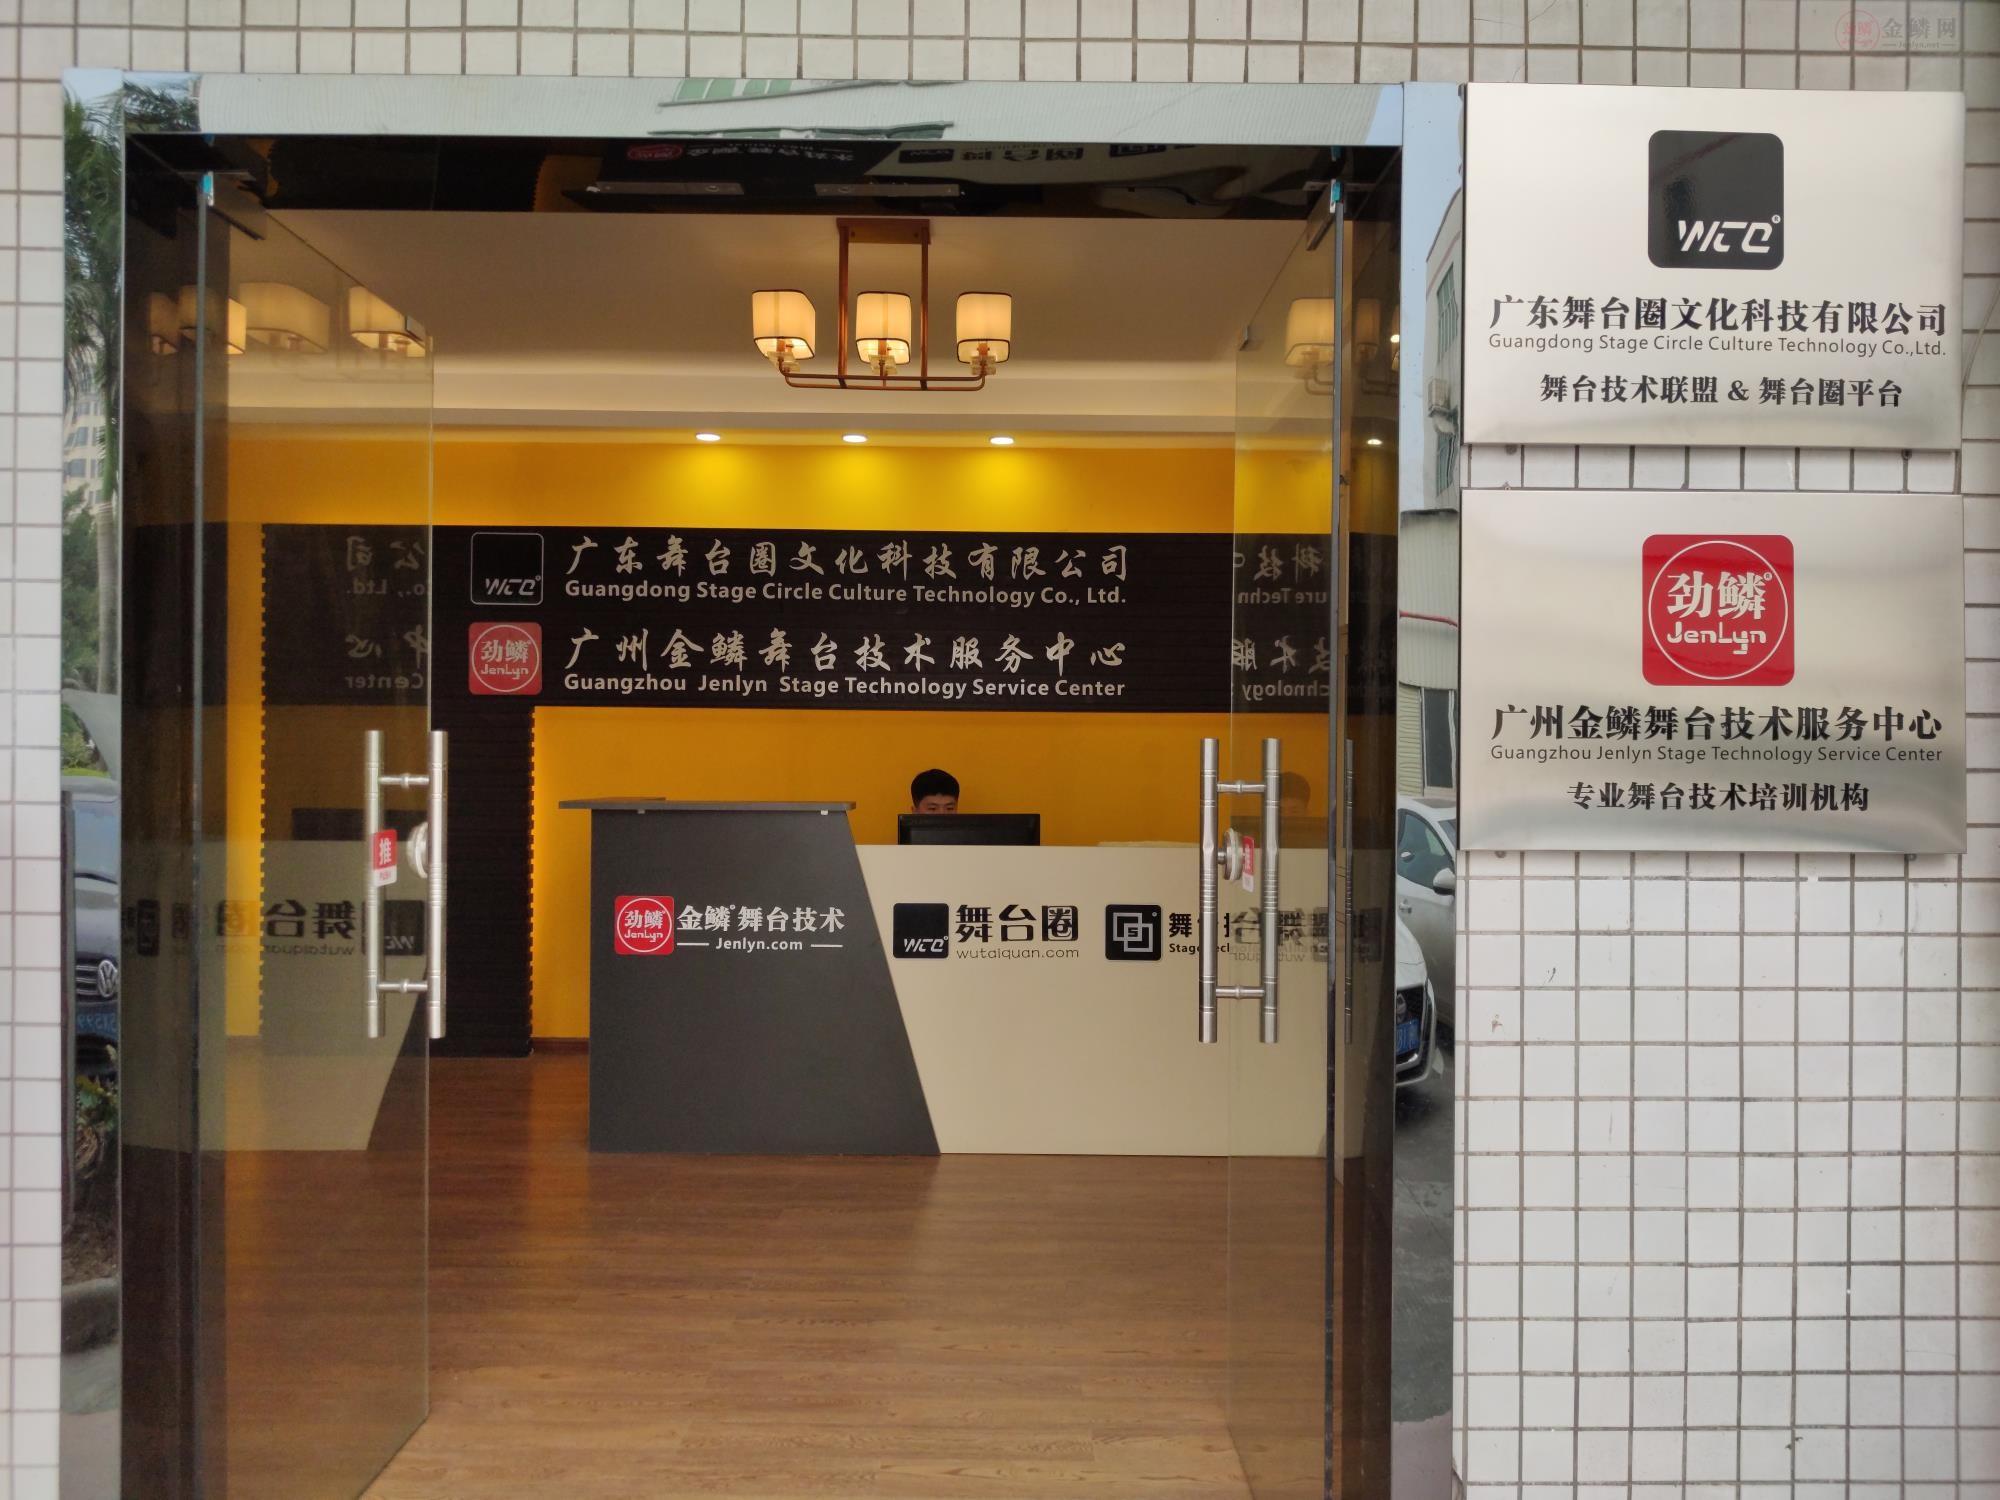 广州金鳞灯光师培训班-珍珠2010-老虎触摸-MA2-3D设计培训班